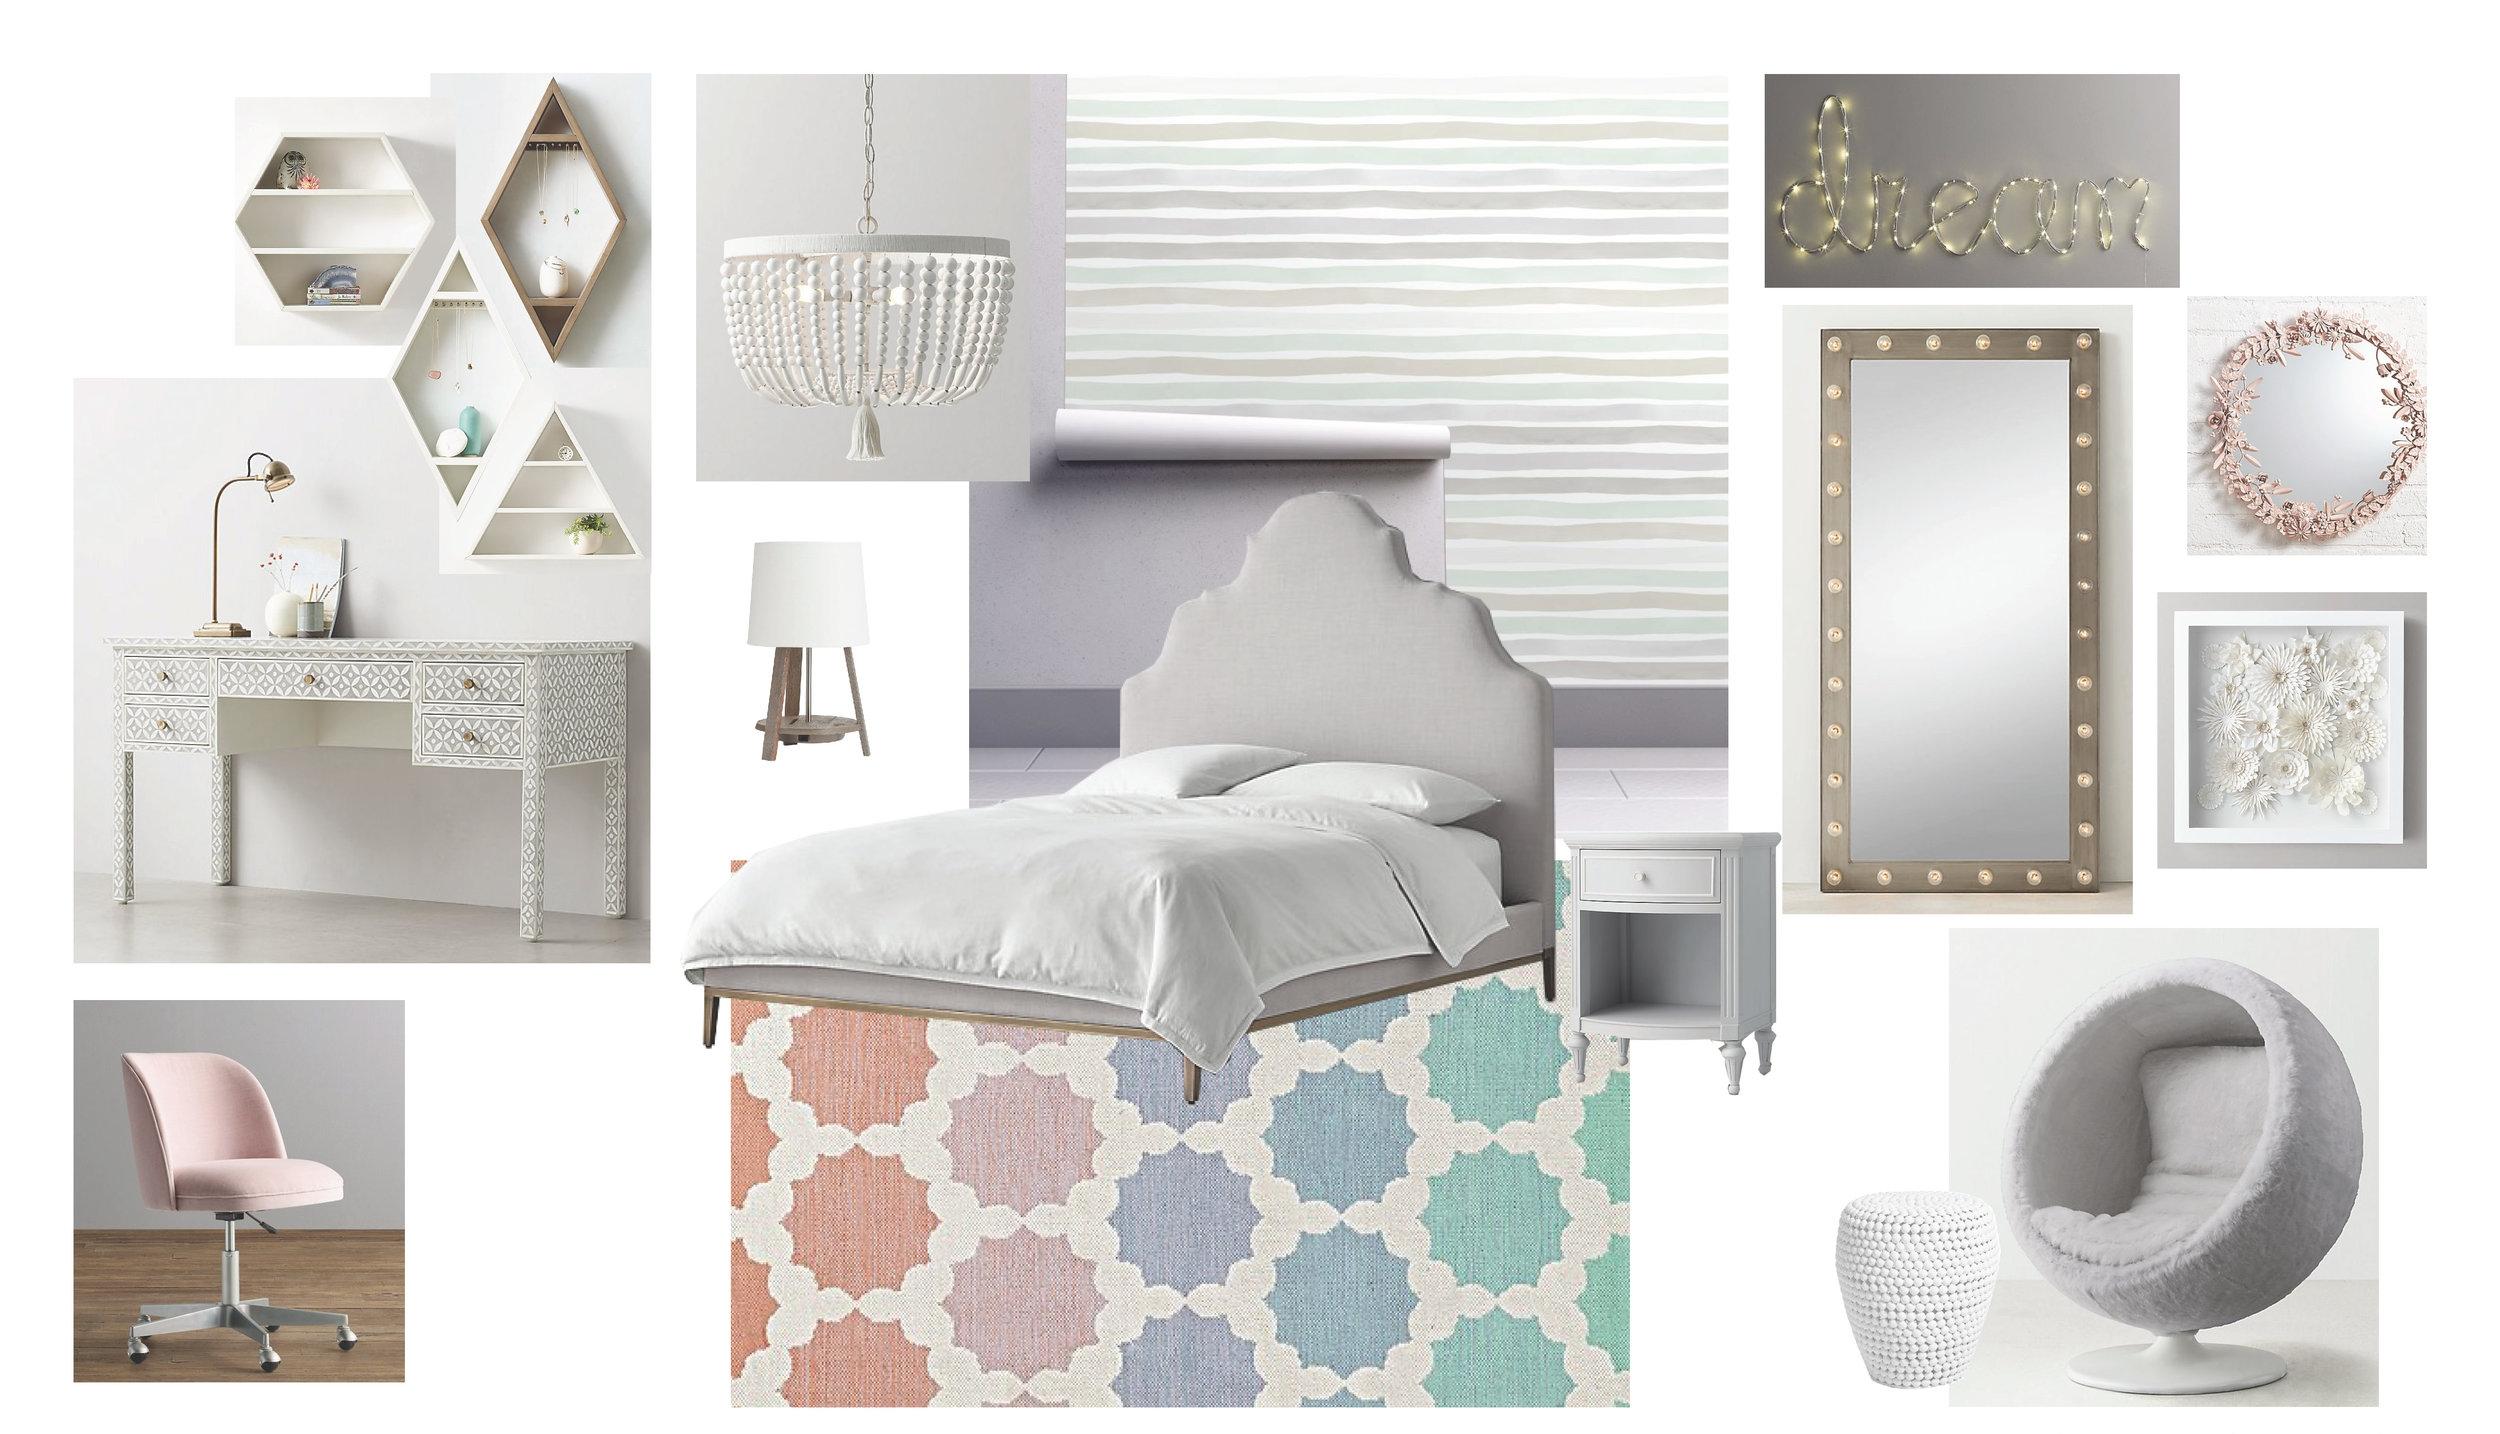 Bedroom FF&E Board 2   Queen of Pastels